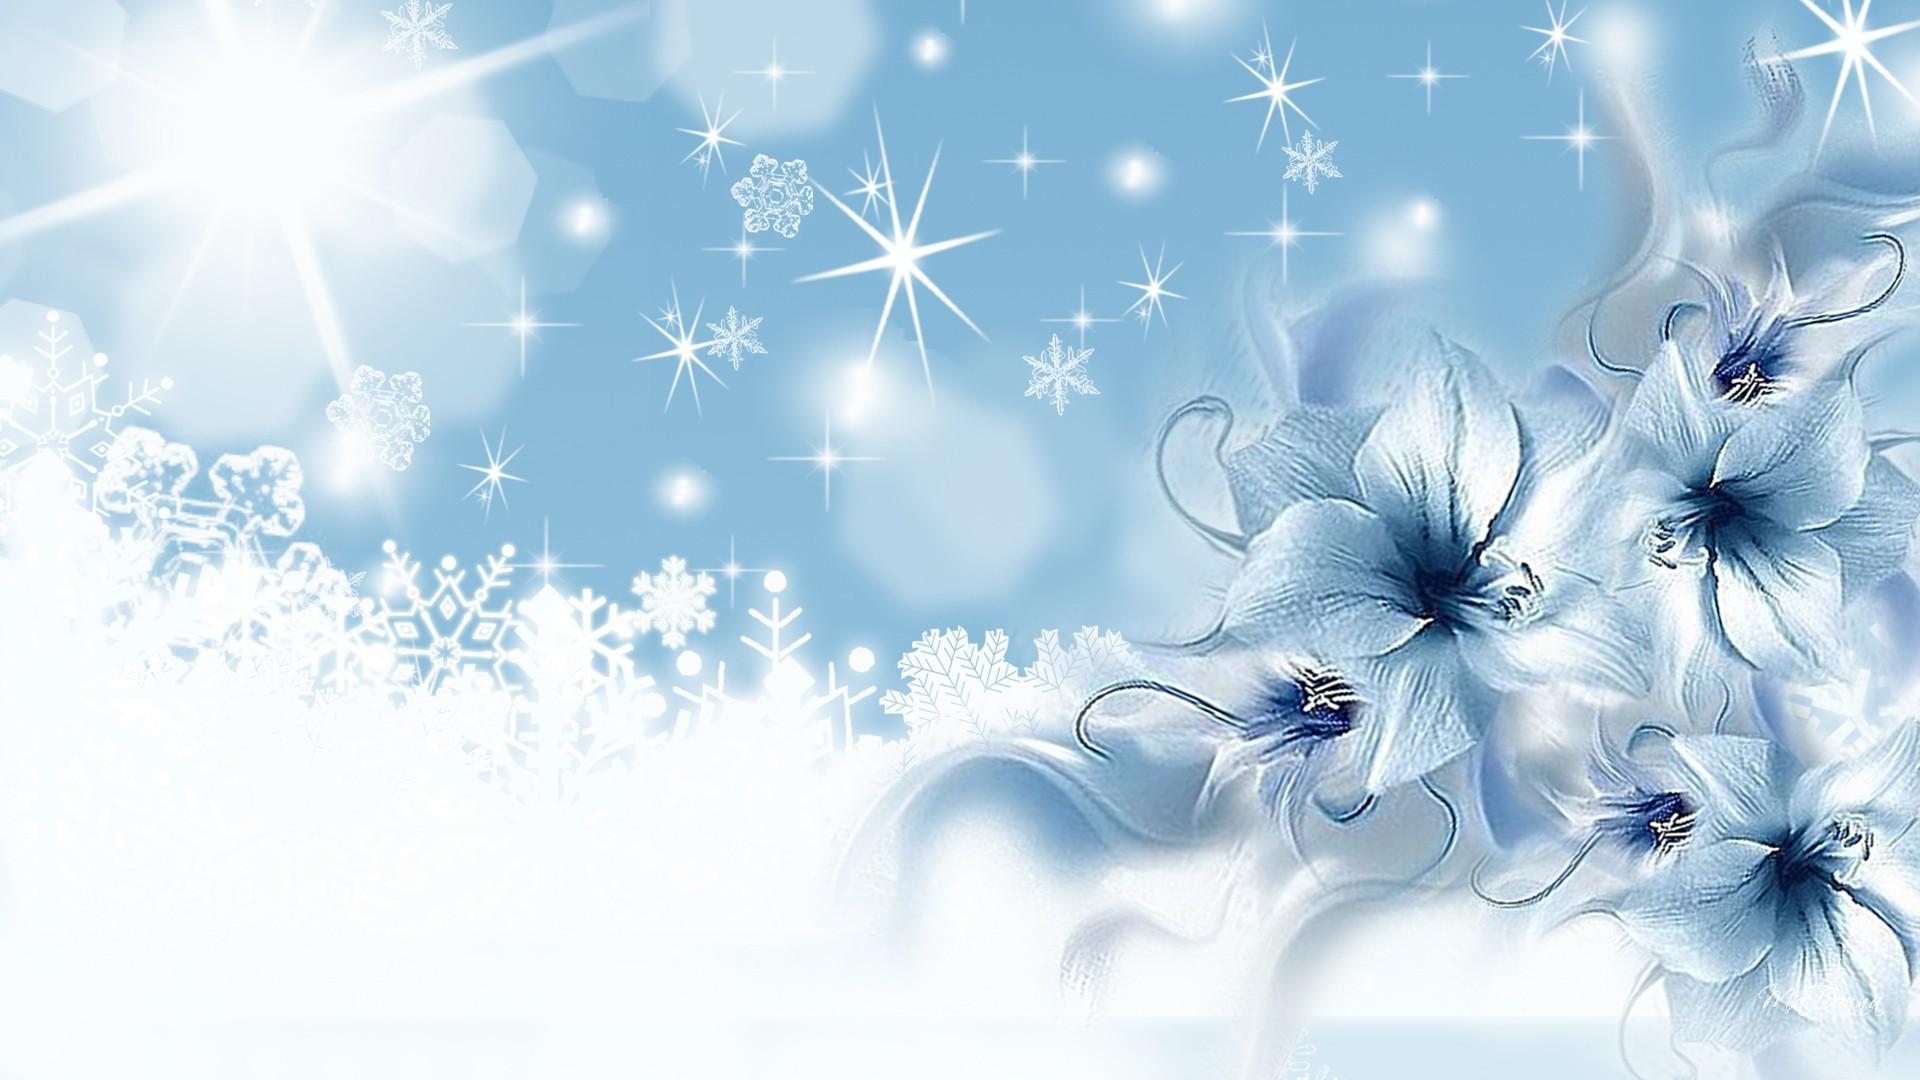 Фоны красивые голубые